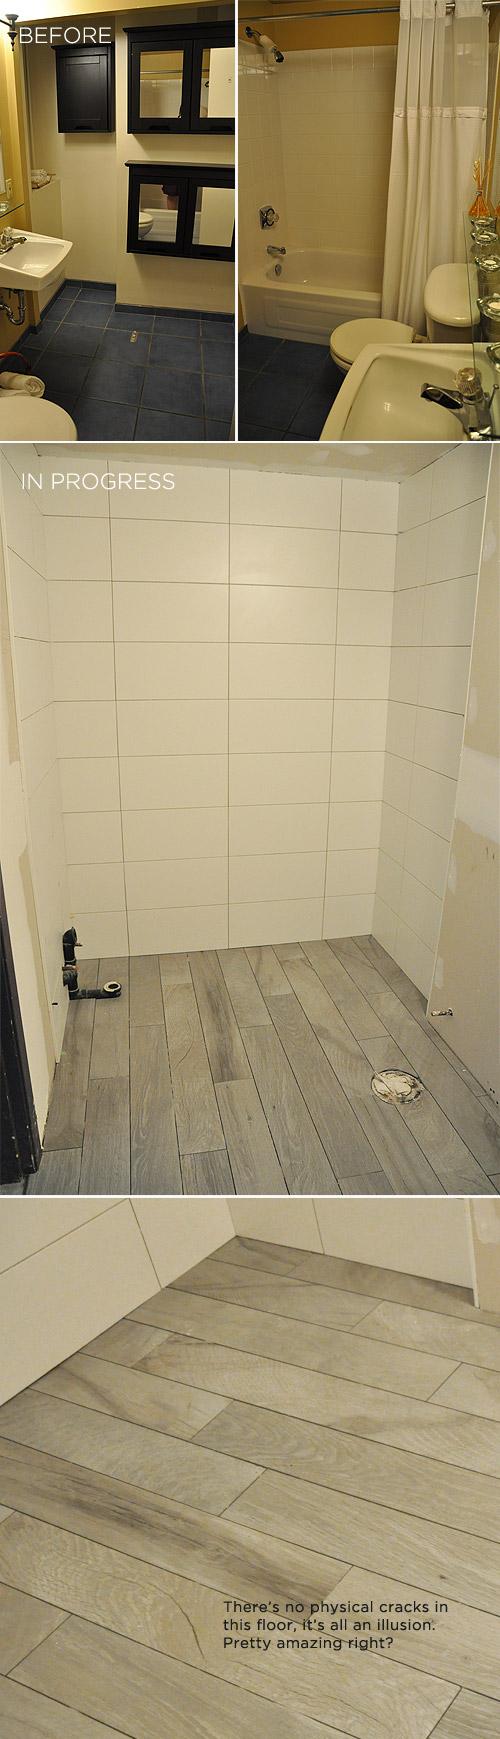 Downstairs Bathroom Sneak Peek Visualheart